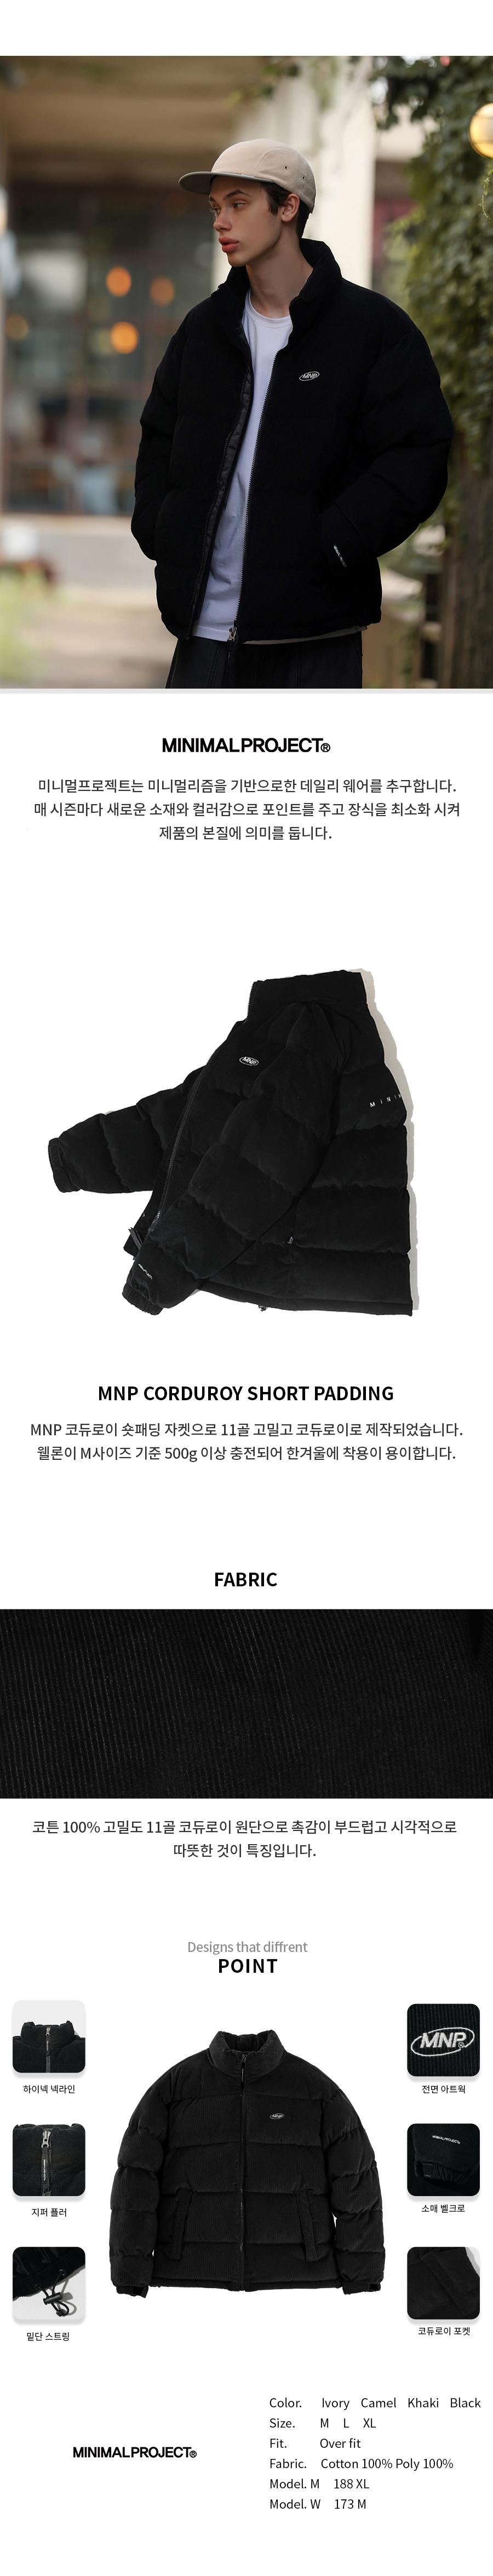 미니멀프로젝트 MNP 코듀로이 숏패딩 MPJ101 / 4color m